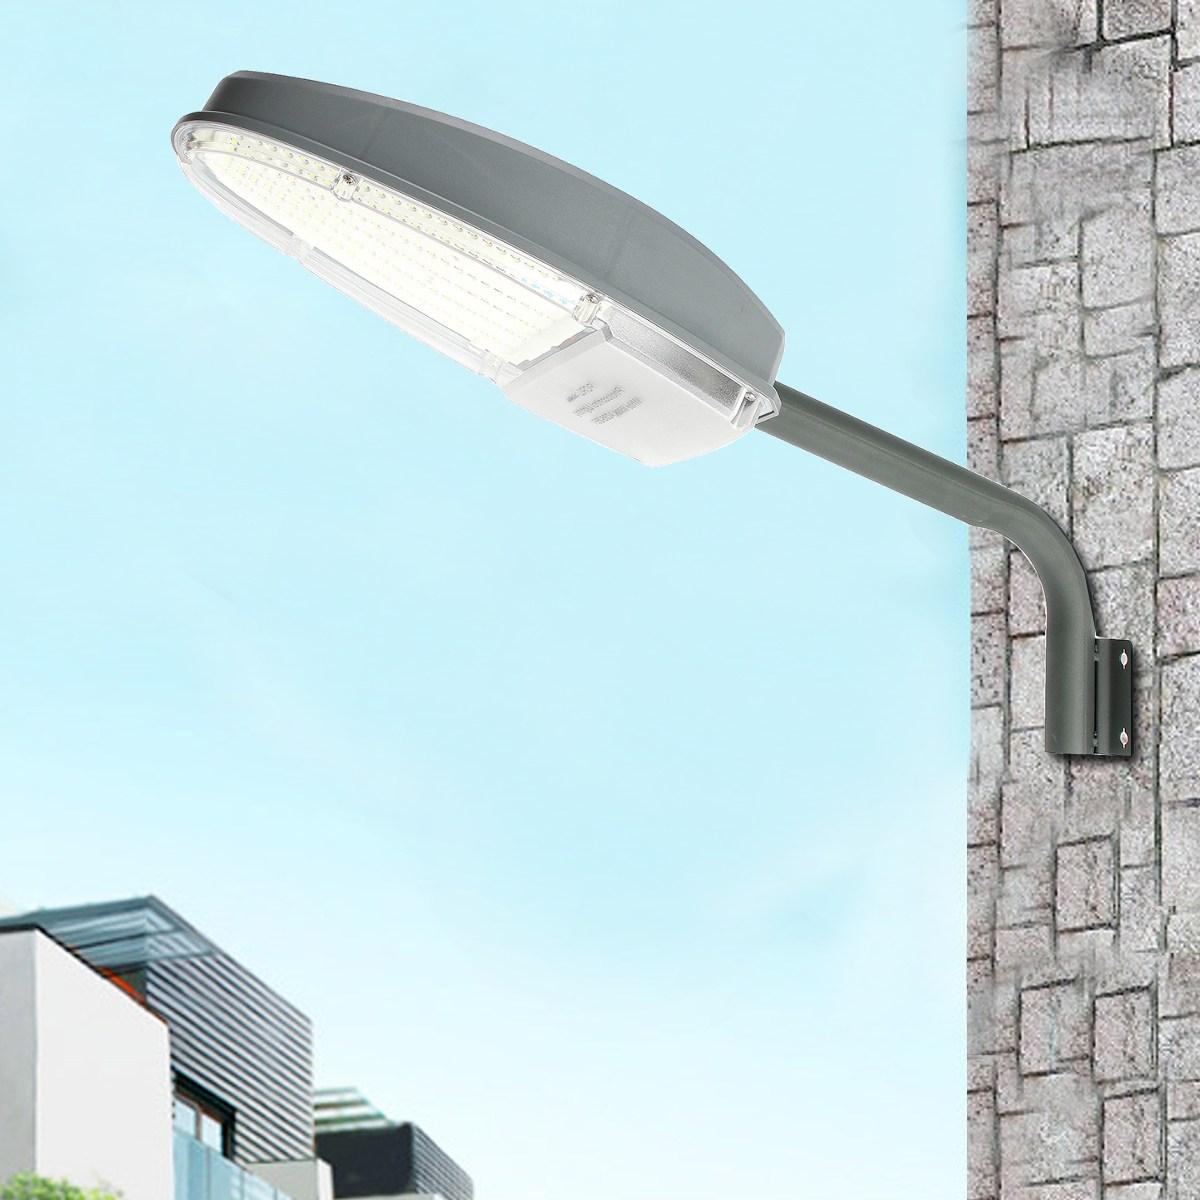 30 w Lumière Capteur 2400LM 144 LED Rue Lumière Jardin Route Lumière Extérieure Imperméable À L'eau Mur Lampe de Sécurité AC85-265V Avec Montage bras